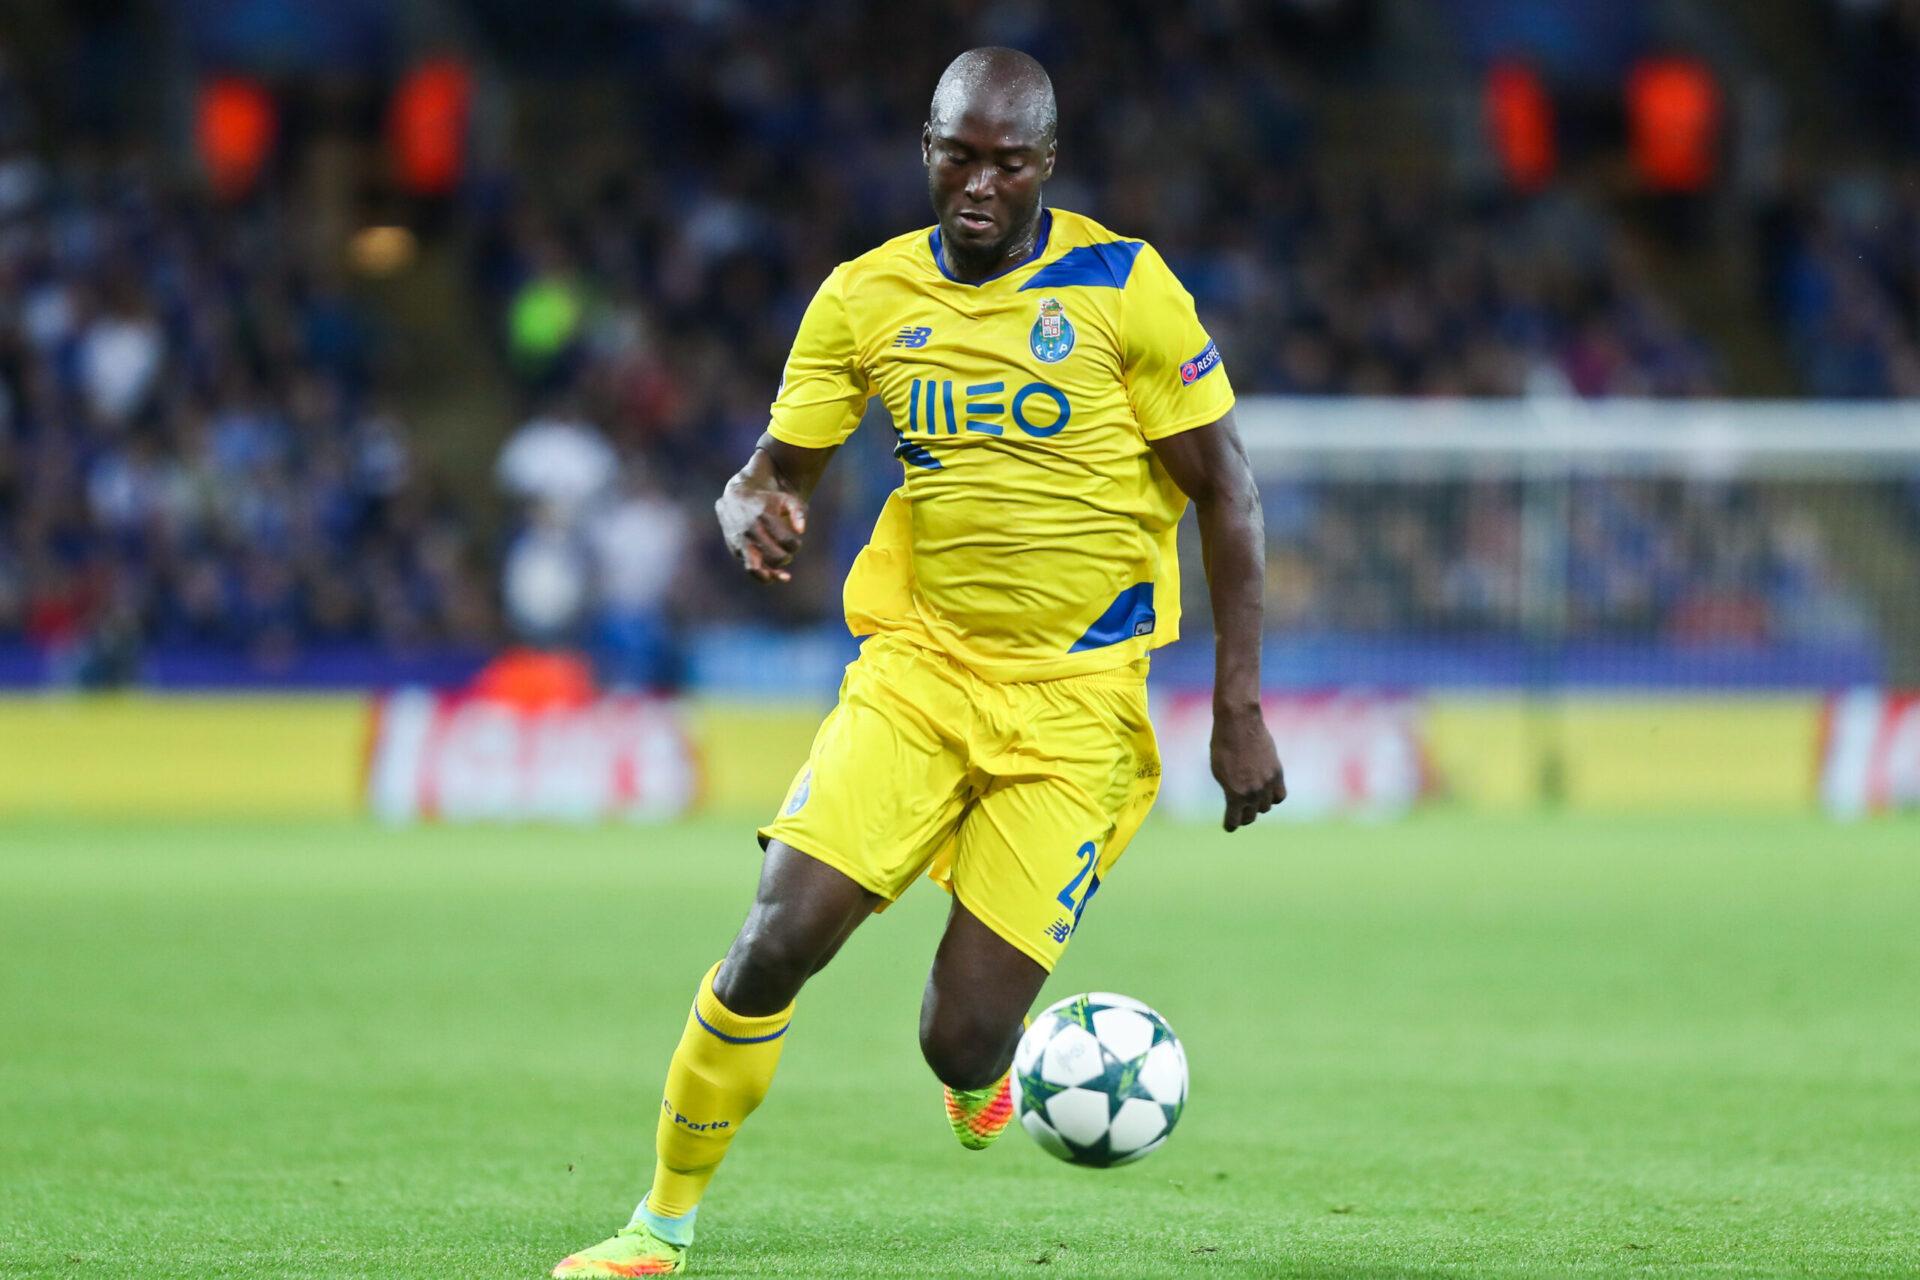 Danilo Pereiro portant le maillot du FC Porto (Icon Sport)